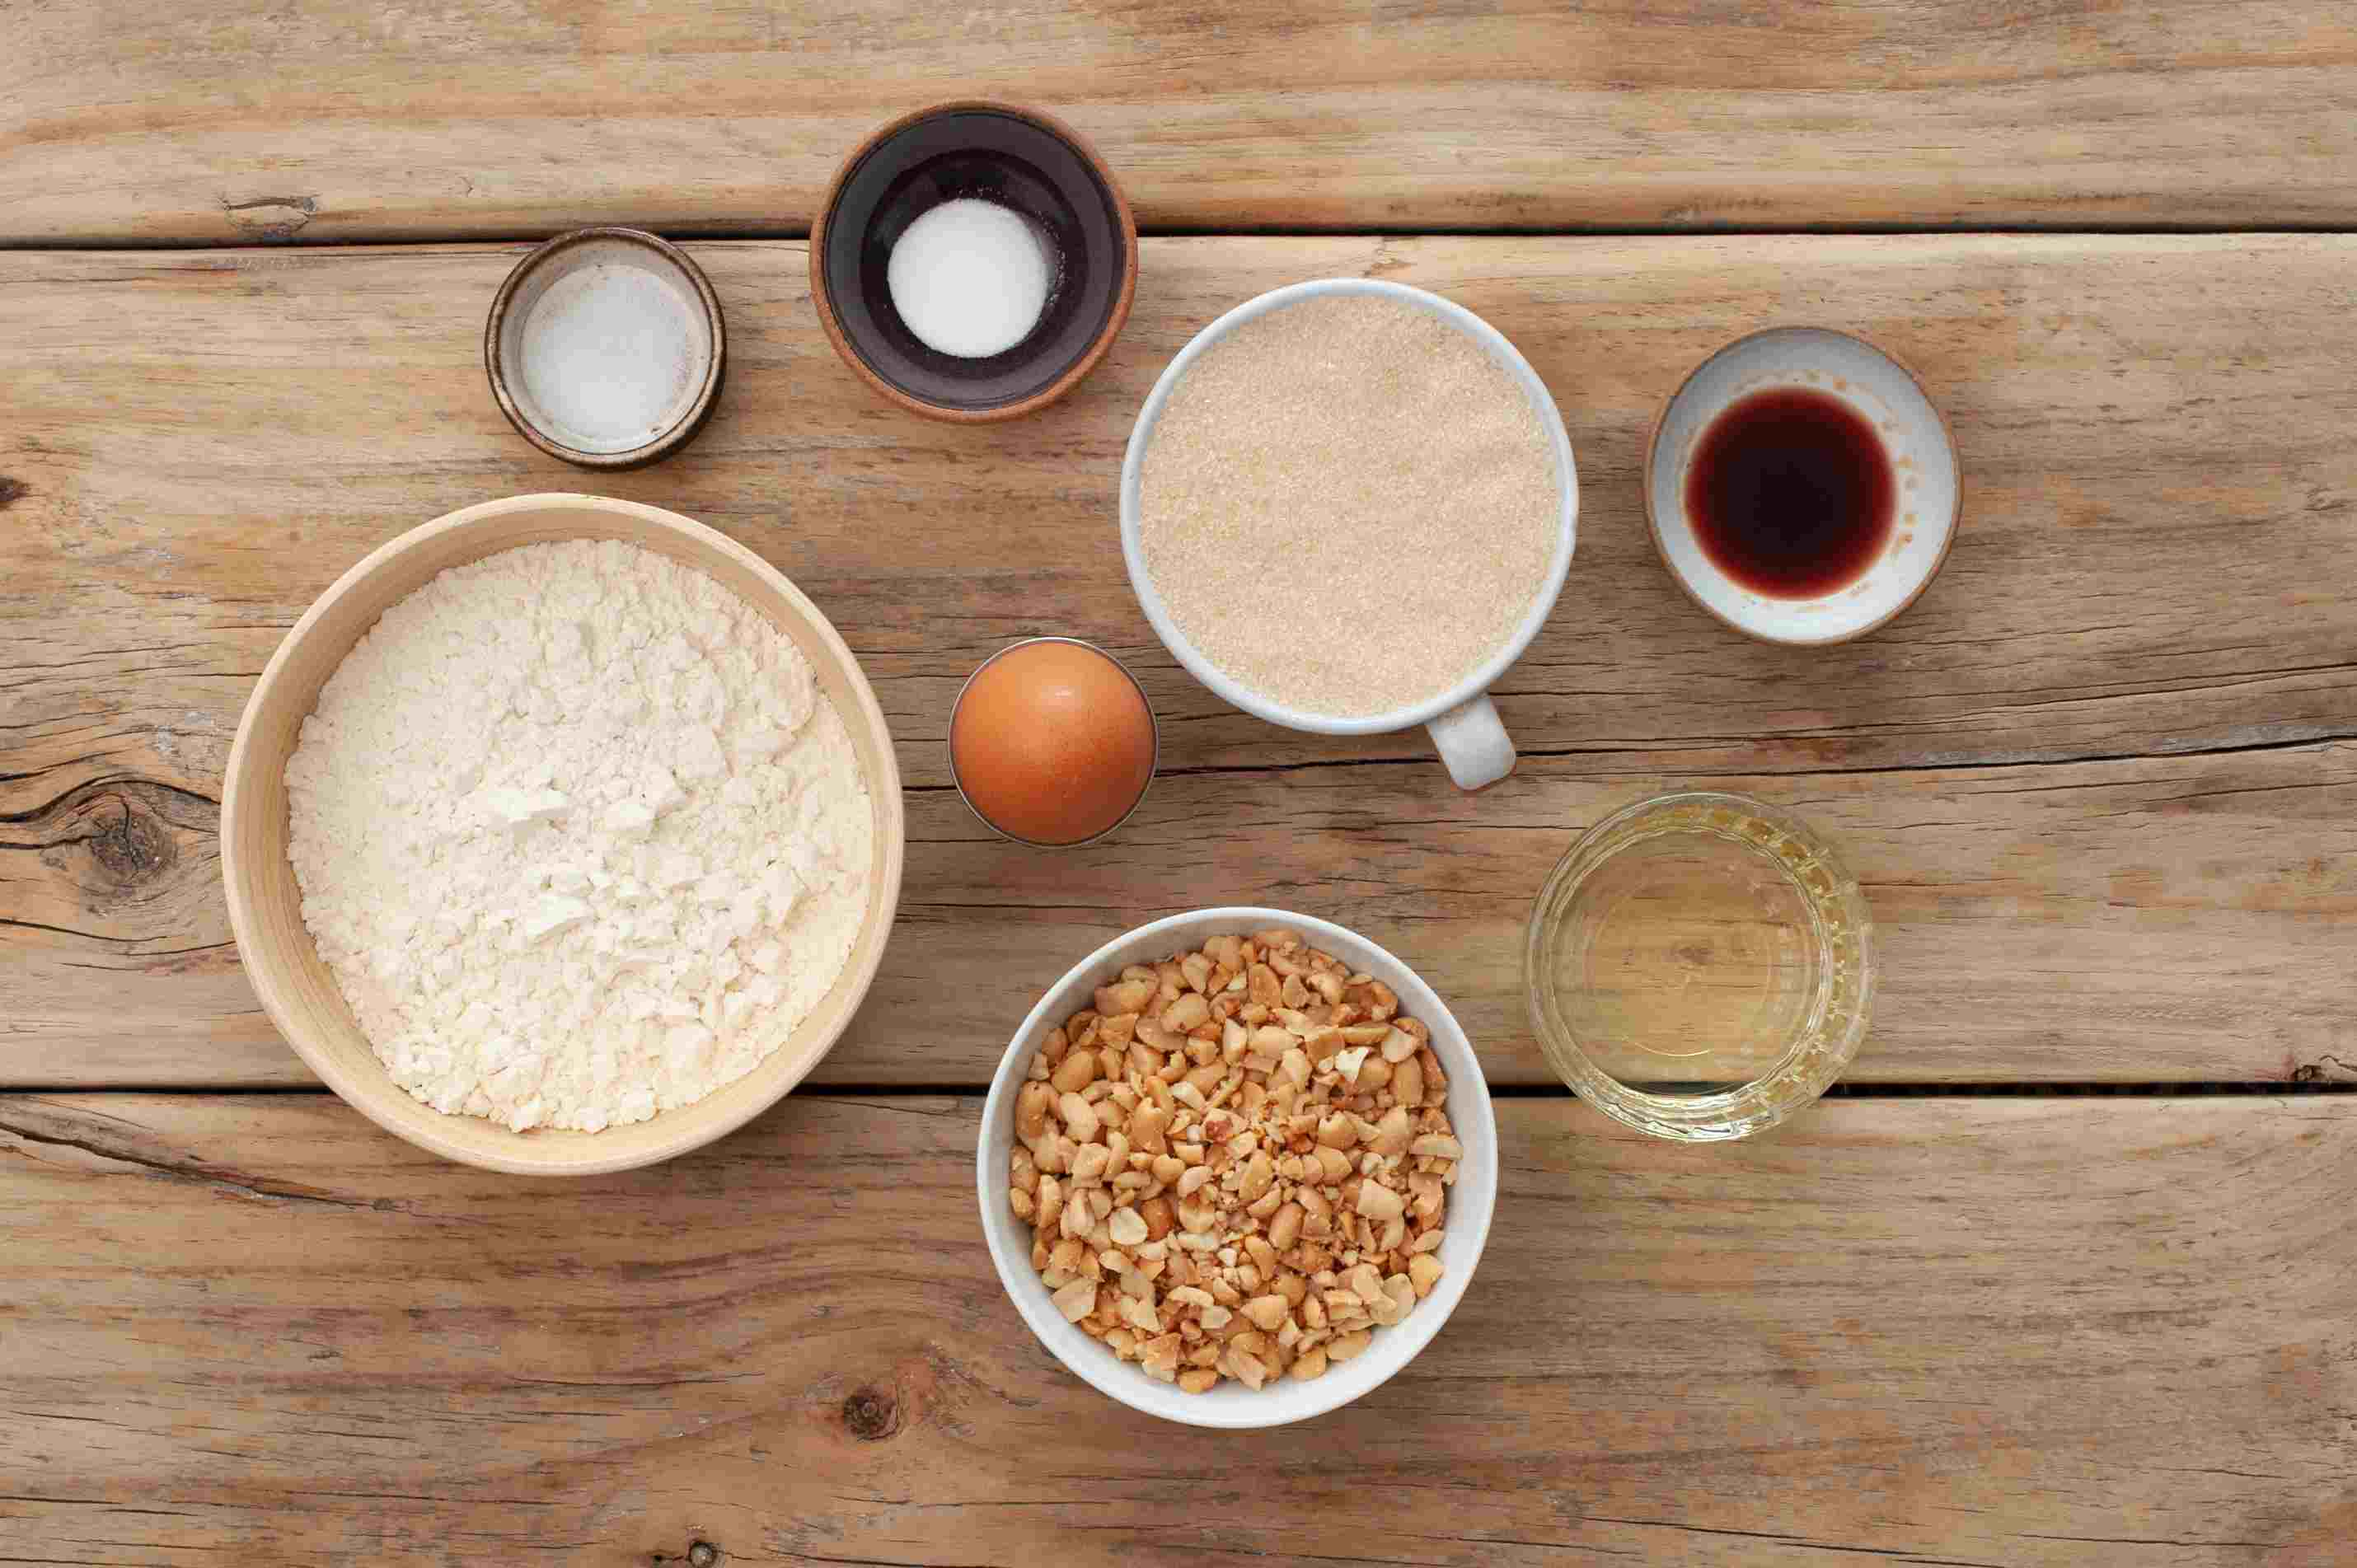 Ingredients for peanut cookies